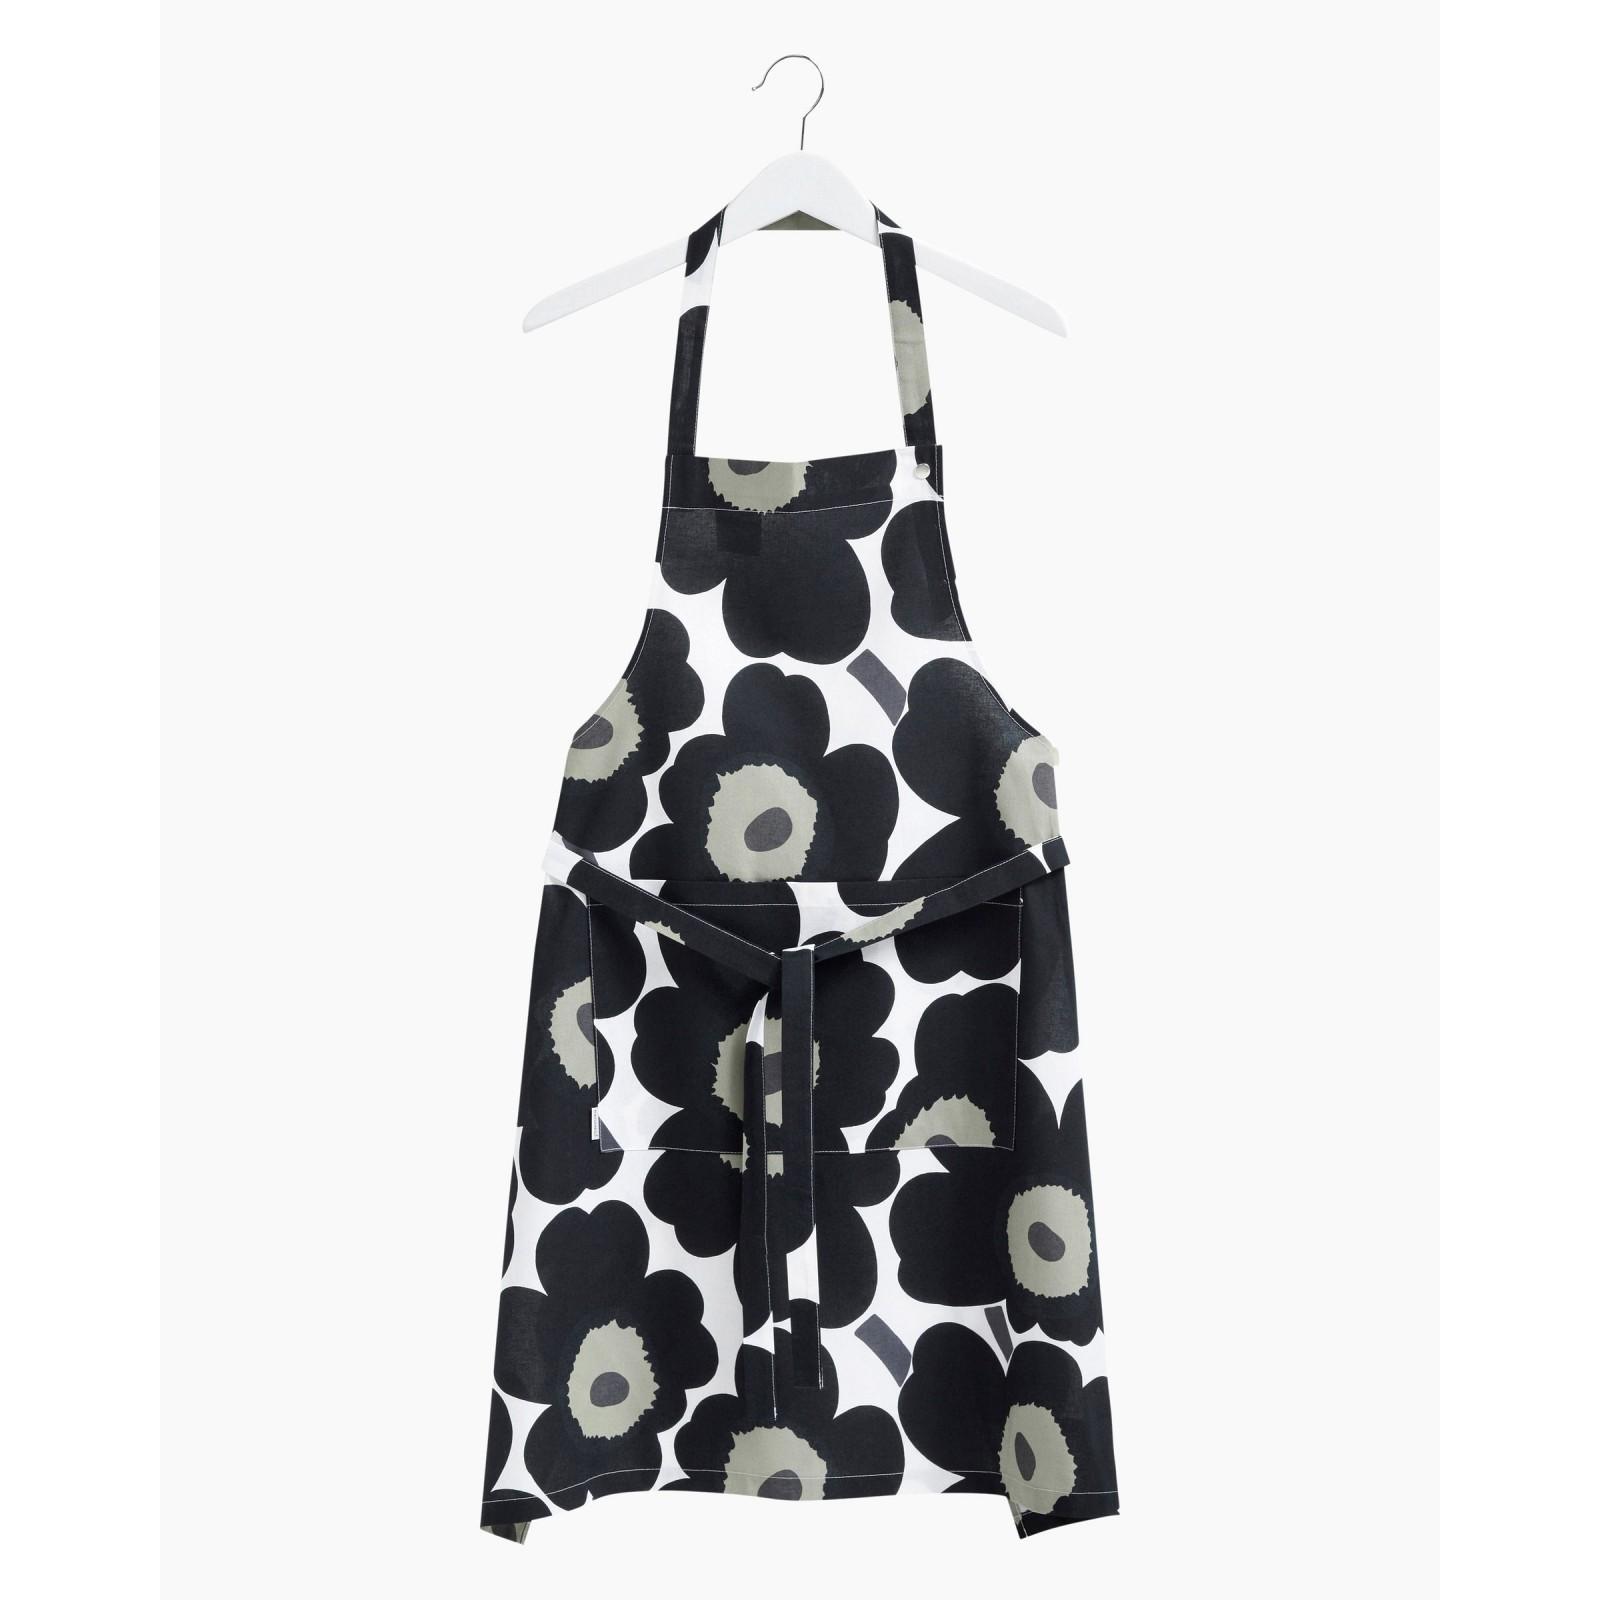 Pieni Unikko apron white, black, olive